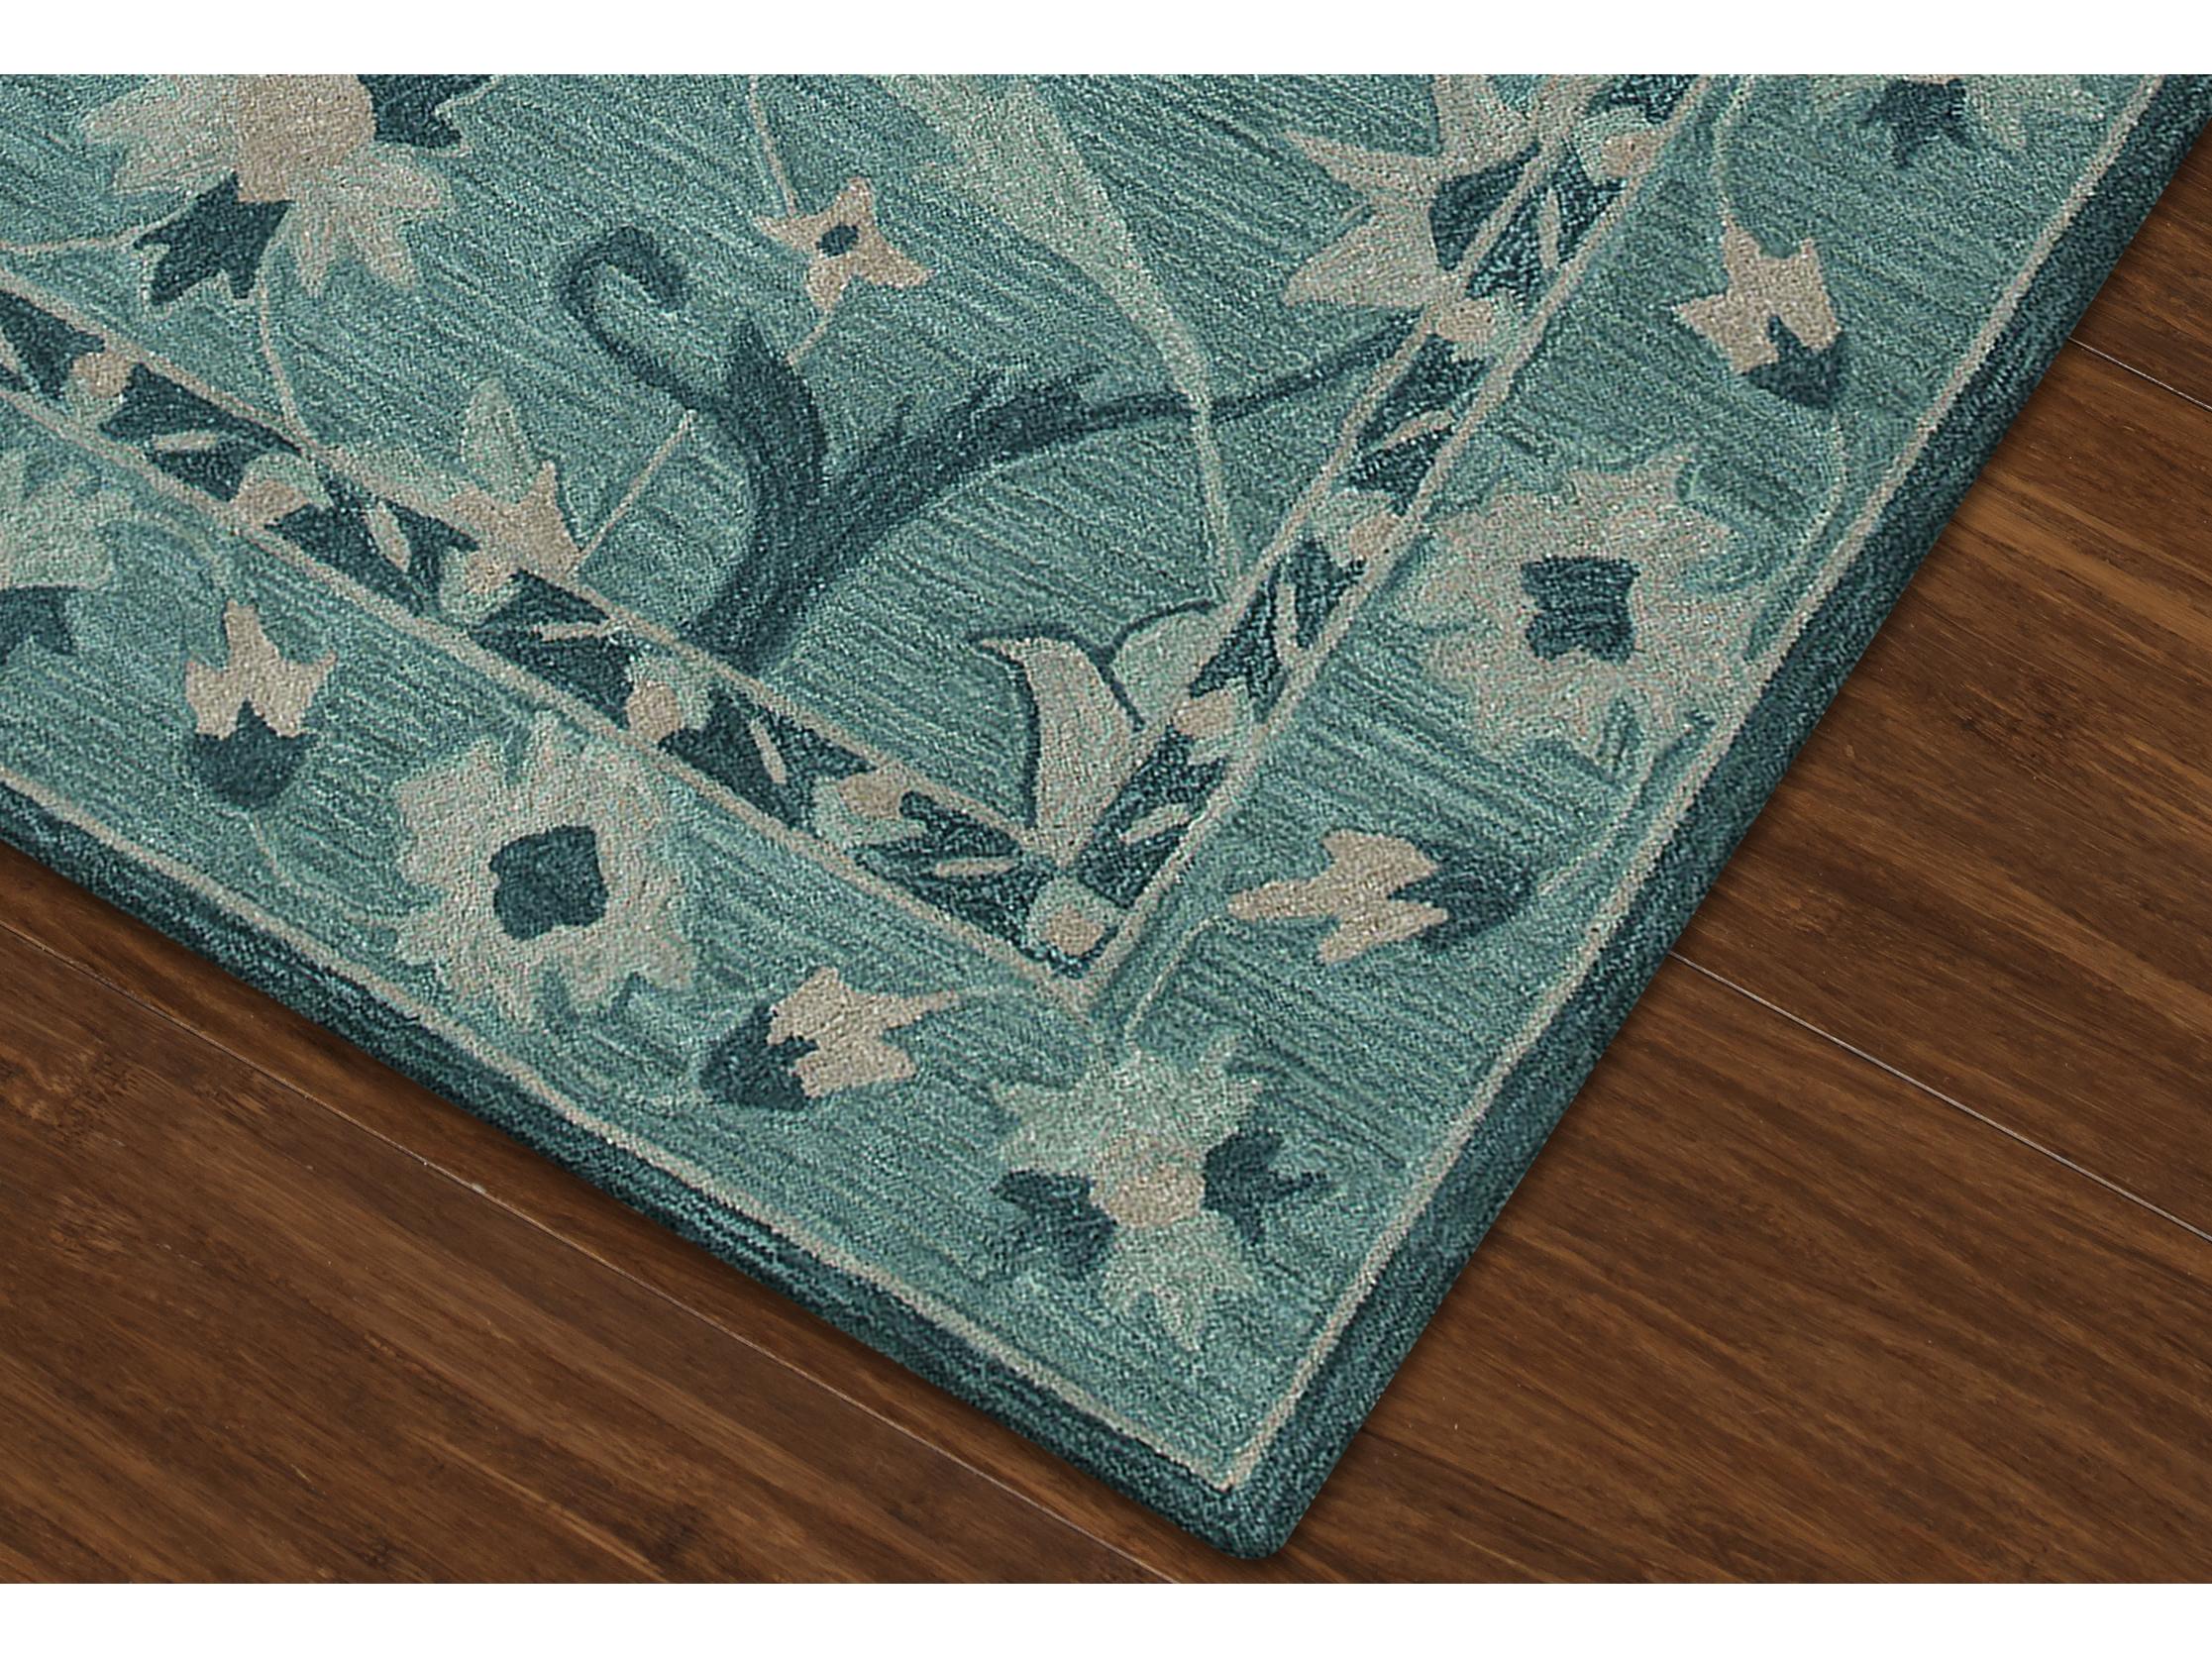 dalyn tribeca teal rectangular area rug dltb6teal. Black Bedroom Furniture Sets. Home Design Ideas